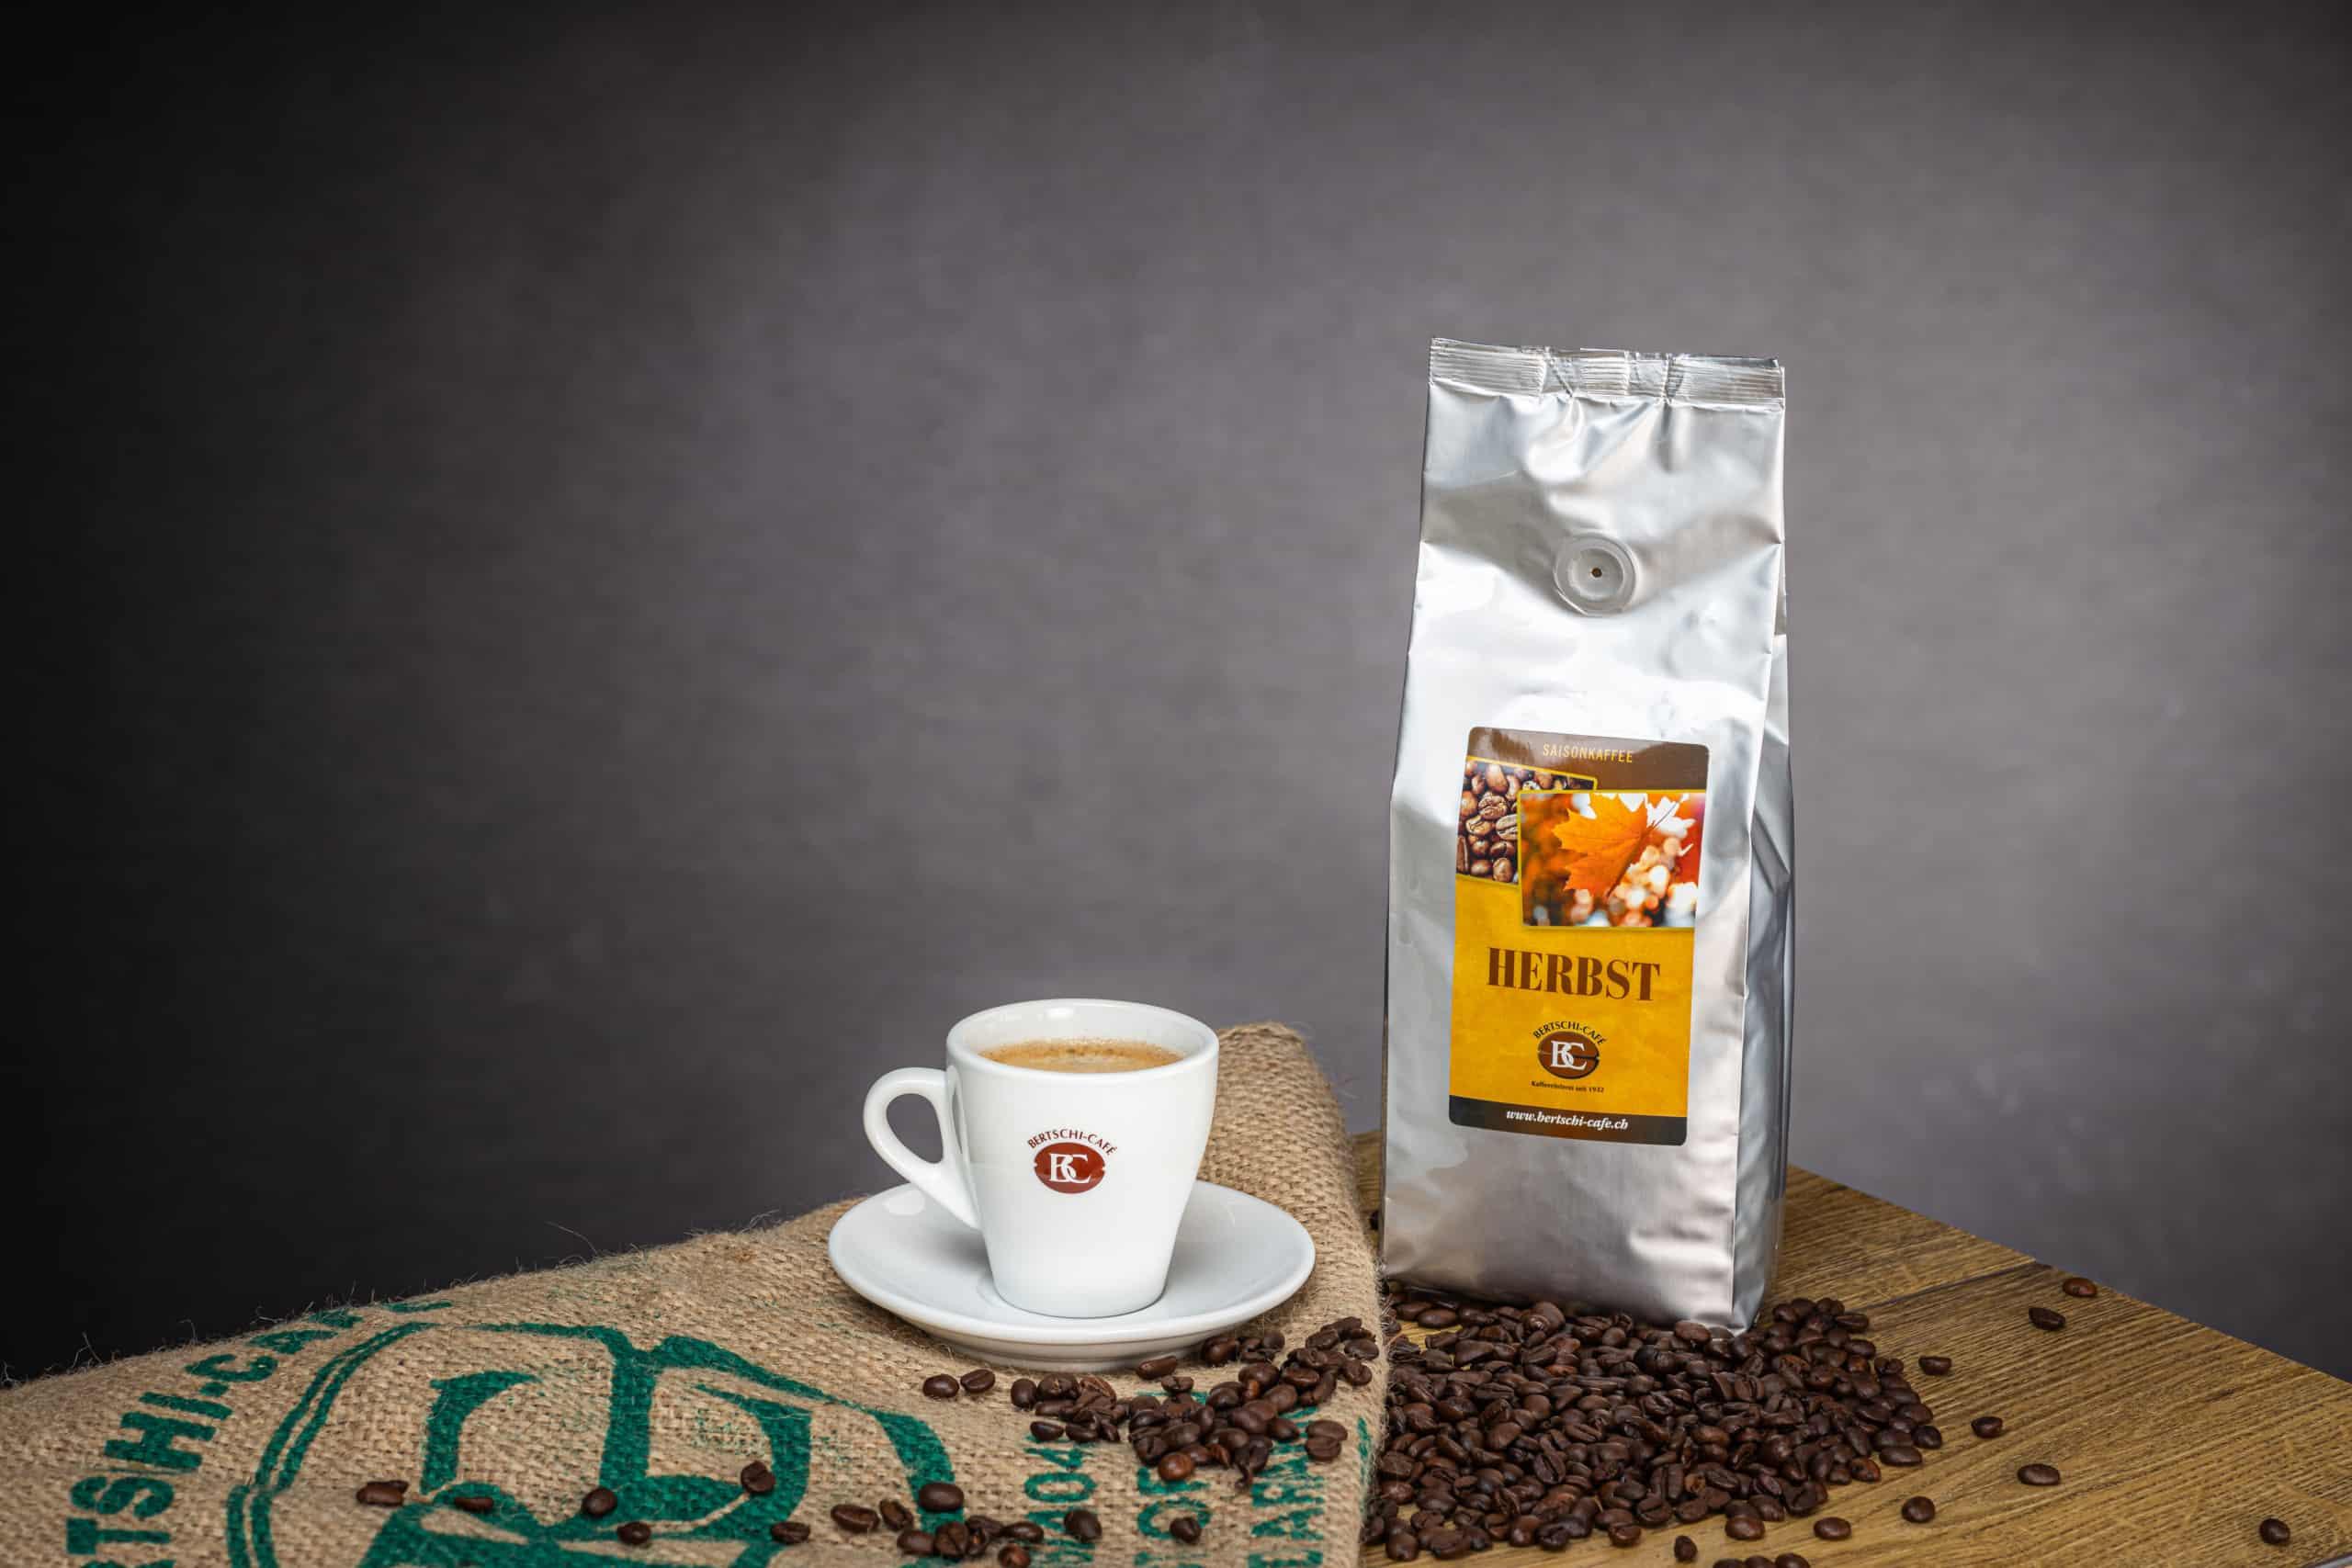 Saison Kaffee Herbst